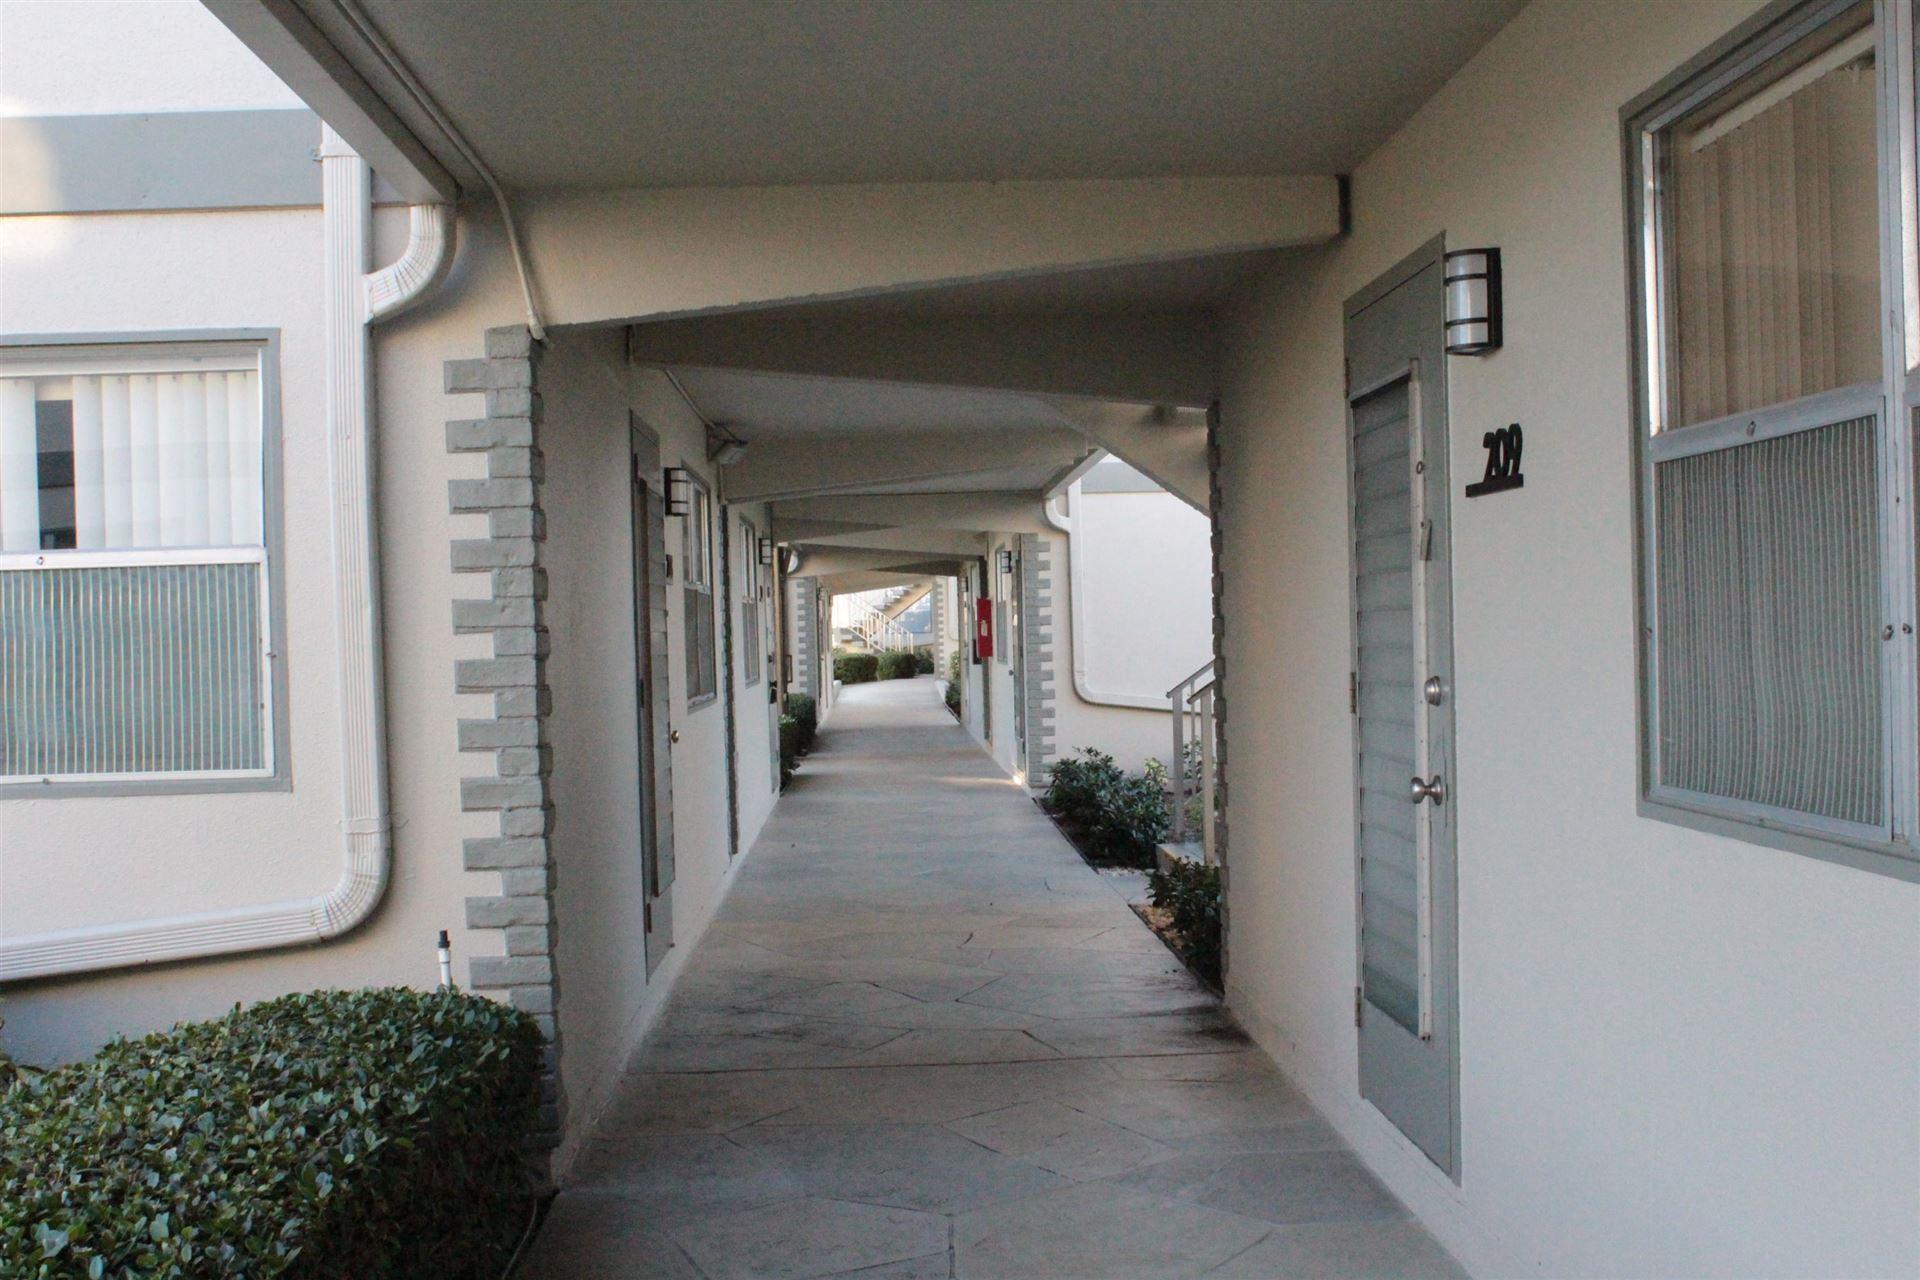 233 Flanders E, Delray Beach, FL 33484 - #: RX-10658806